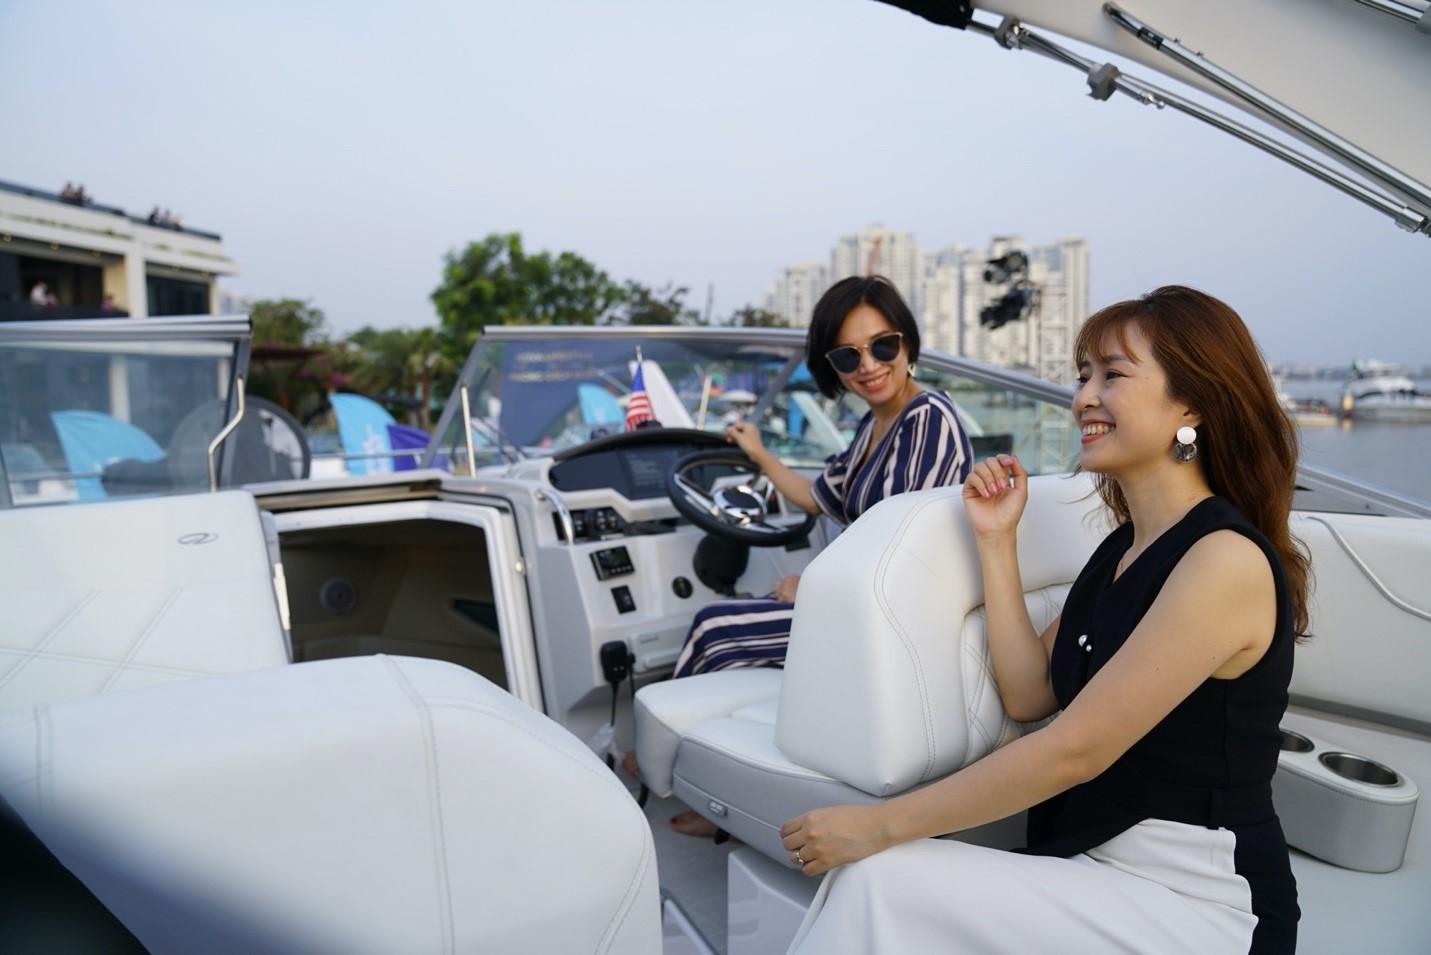 Triển lãm du thuyền, ca nô... tại bến du thuyền Bình Khánh, quận 2 nằm trong chuỗi sự kiện tri ân khách hàng của Novaland tháng 1, qua đó giới thiệu các dự án có tiện ích bến du thuyền như Aqua City, NovaWorld Ho Tram, NovaWorld Phan Thiet. Ảnh: Novaland.